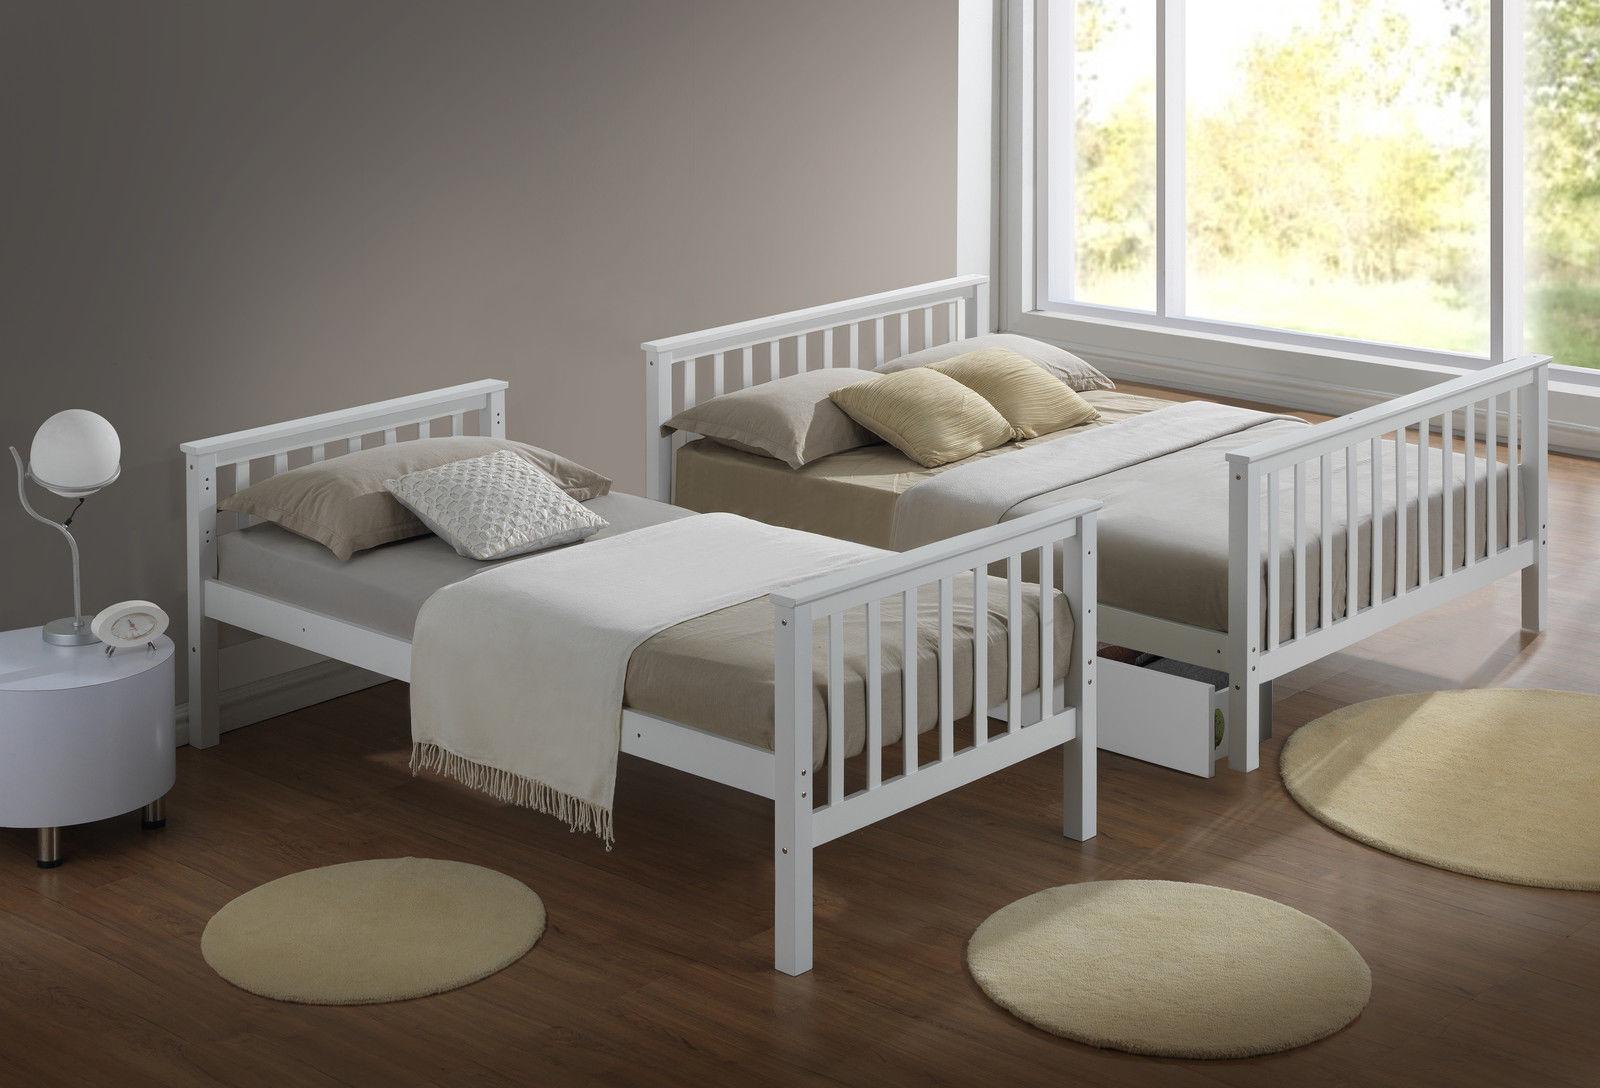 מיטת קומותיים מעץ מלא כולל מזרנים + 2 מגירות איחסון  Tailer - תמונה 3